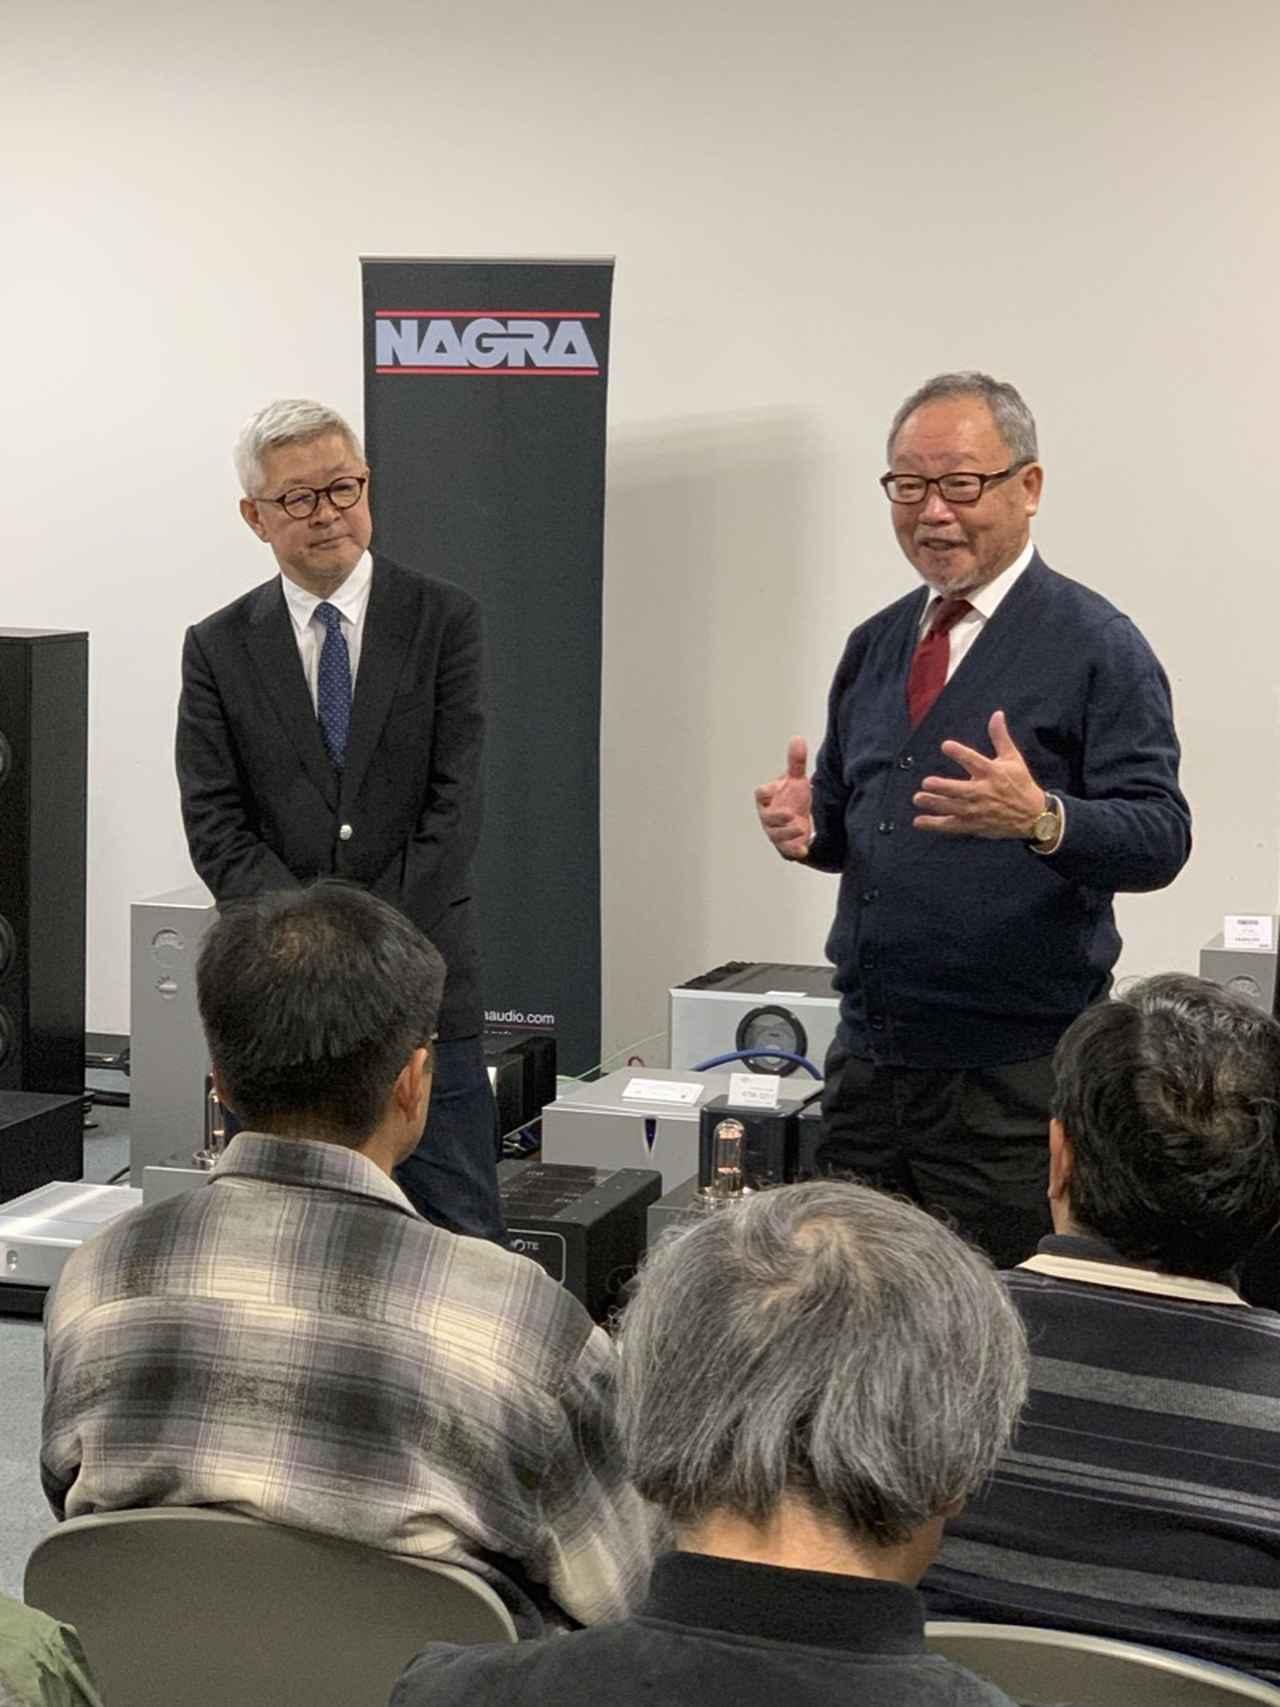 画像: Dルームでの講演を担当したオーディオ評論家の和田博巳先生と、冒頭、挨拶に立ったマックスオーディオ社長の大原晴三氏(写真右)